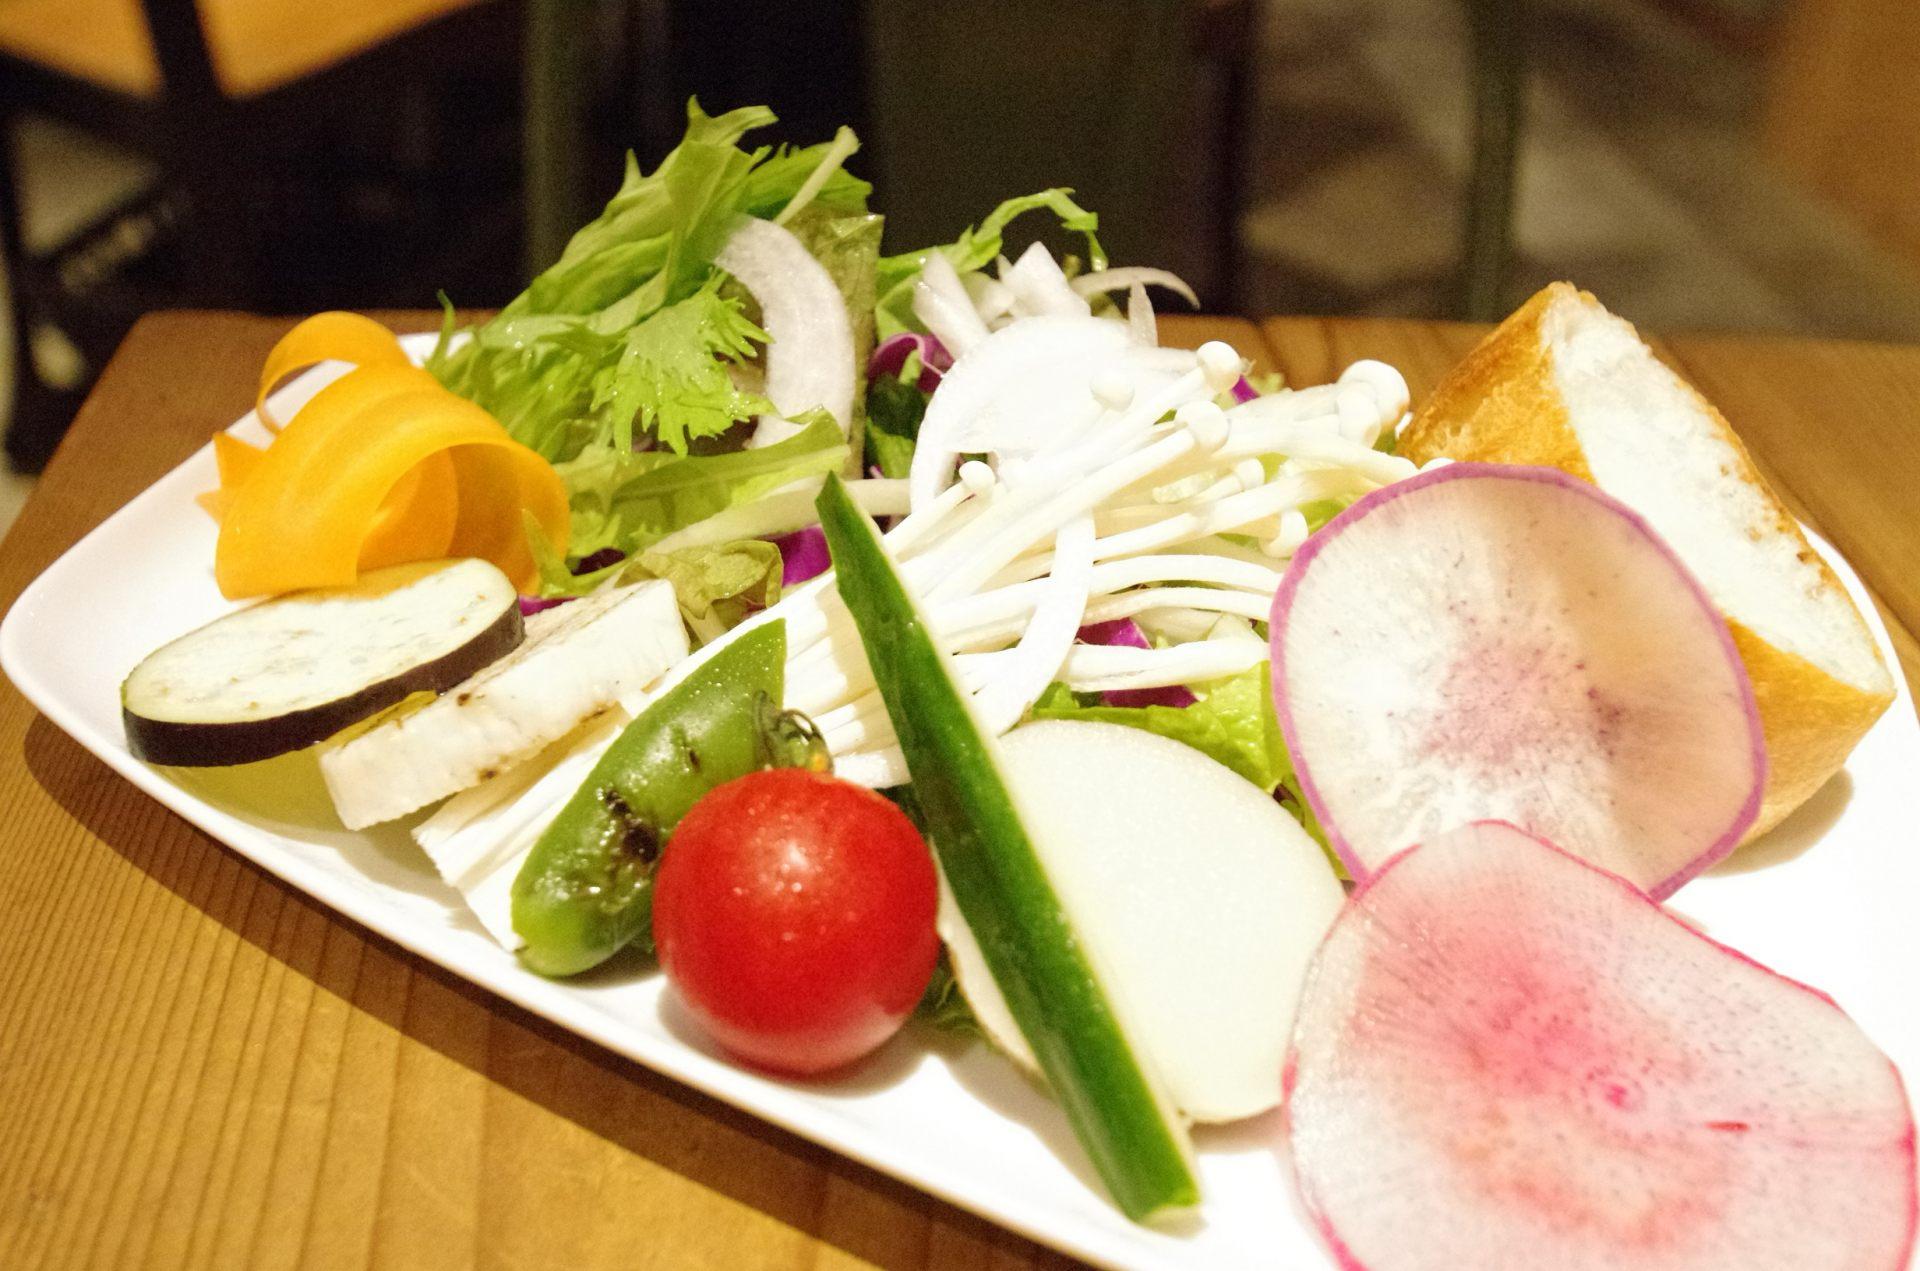 午餐附贈的沙拉。使用產地直送的蔬菜